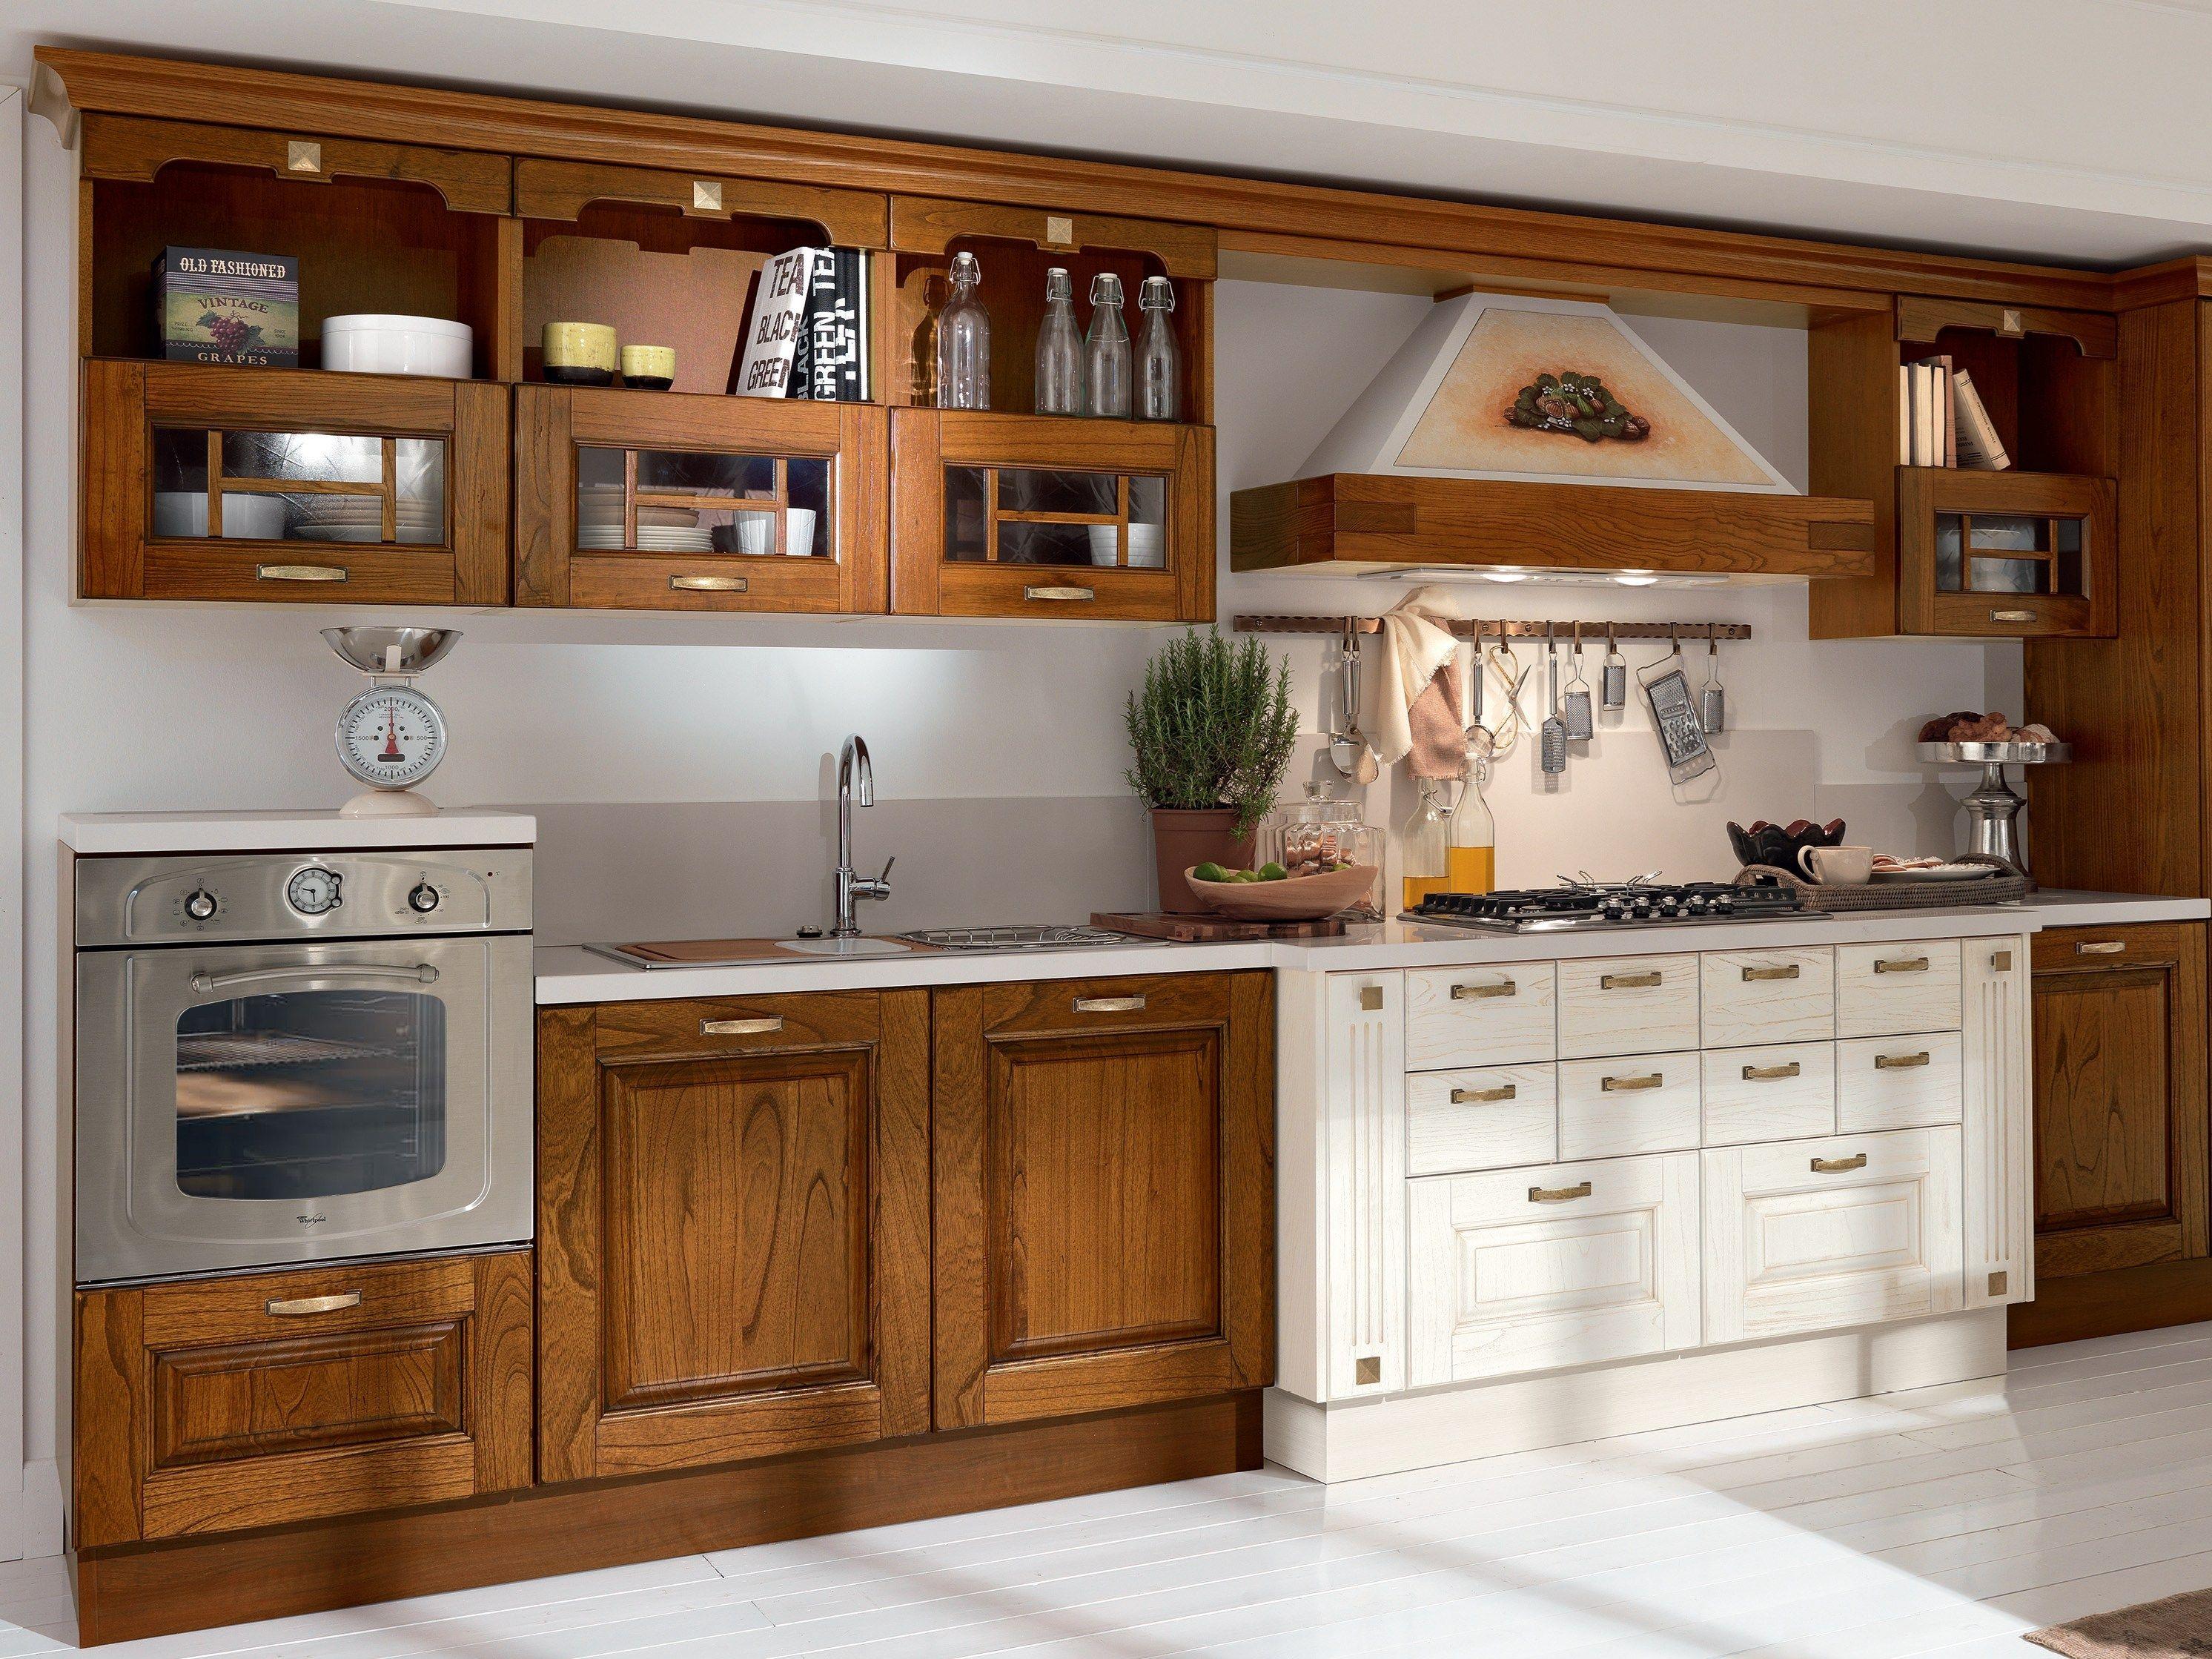 Laura cocina de madera by cucine lube - Cocinas en madera ...